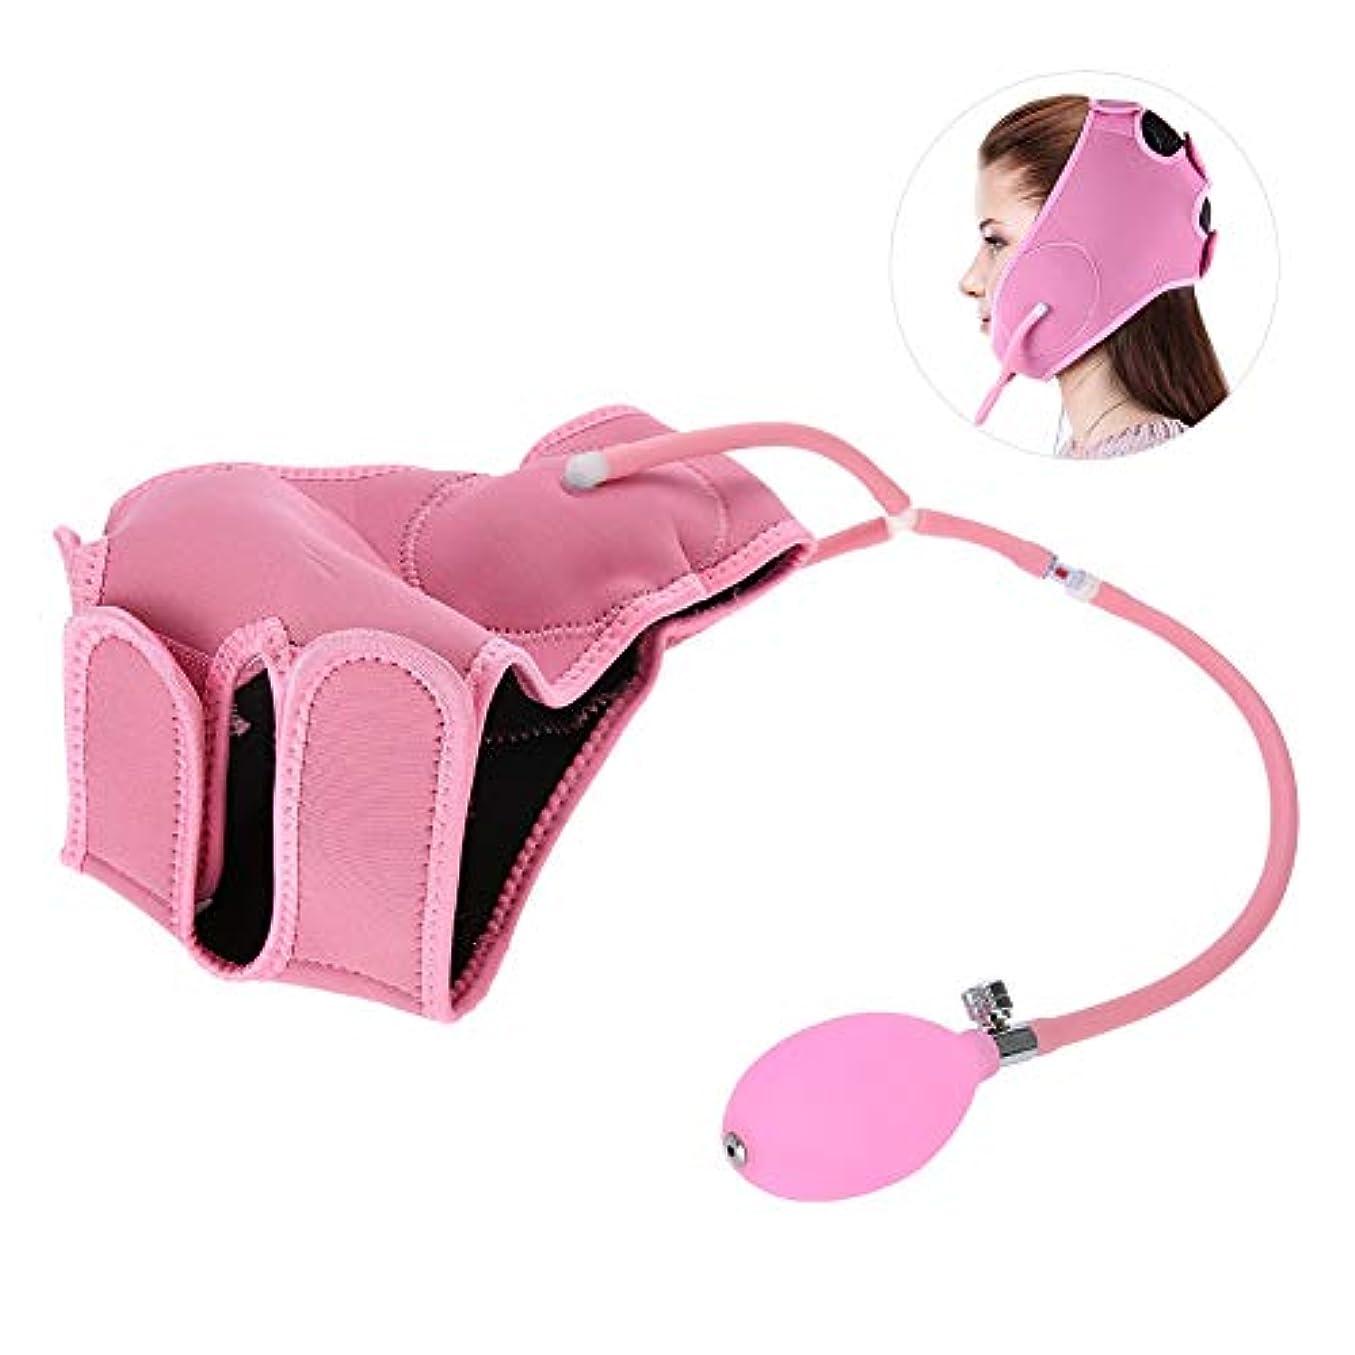 雲橋脚チャンスエアバッグフェイシャルマスク - フェイスマッサージベルト - 包帯/薄いフェイスベルト - 美容ツールピンク